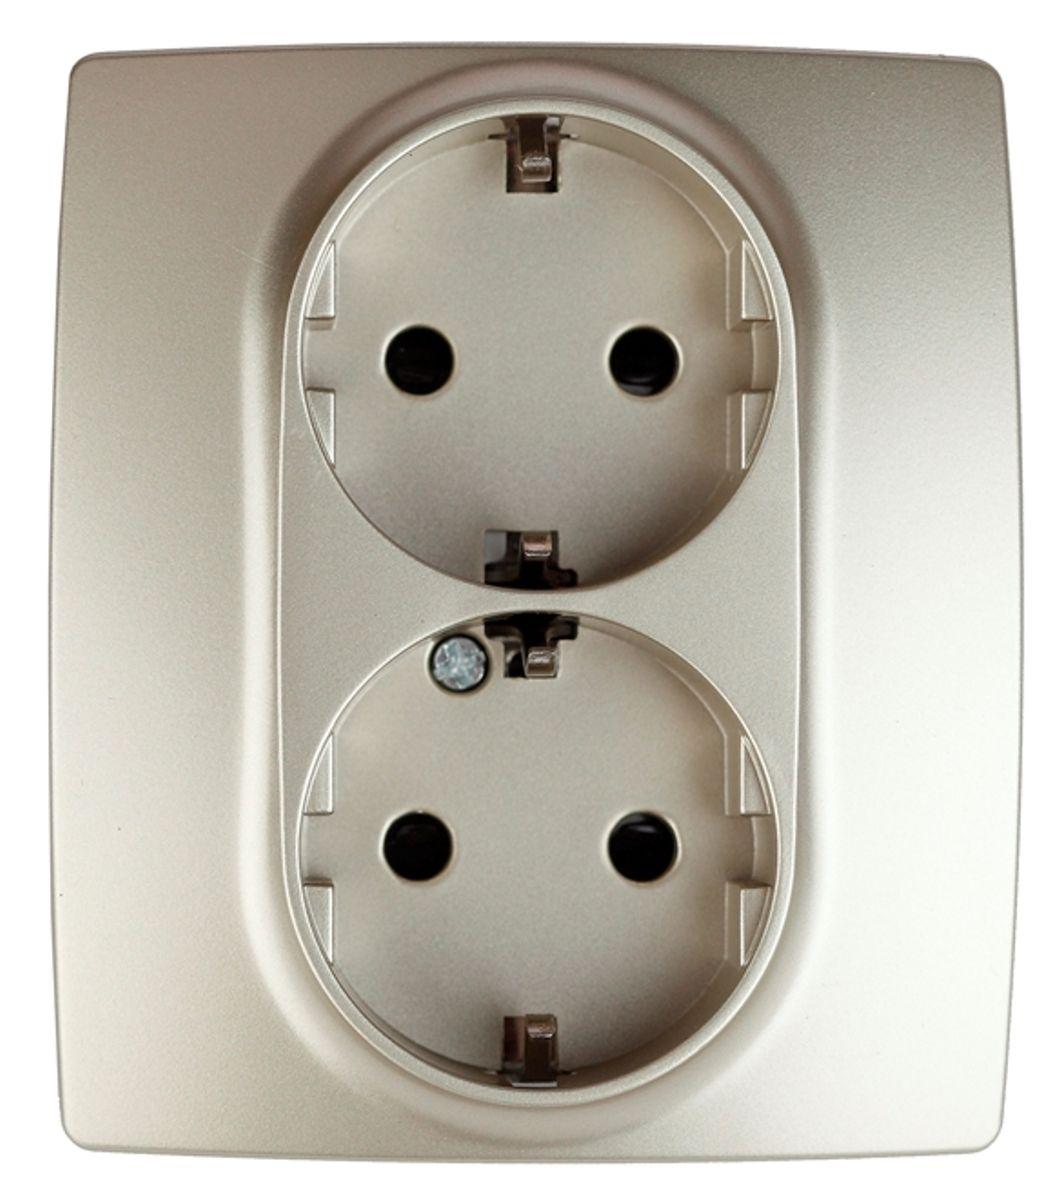 Розетка двойная Эра, со шторками, с заземлением, цвет: шампань12-2104-04Двойная розетка Эра со шторками, с заземлением и скрытой установкой. Автоматические зажимы кабеля обеспечивают быстрый и надежный монтаж изделия к электросети без отвертки и не требуют обслуживания в отличие от винтовых зажимов.